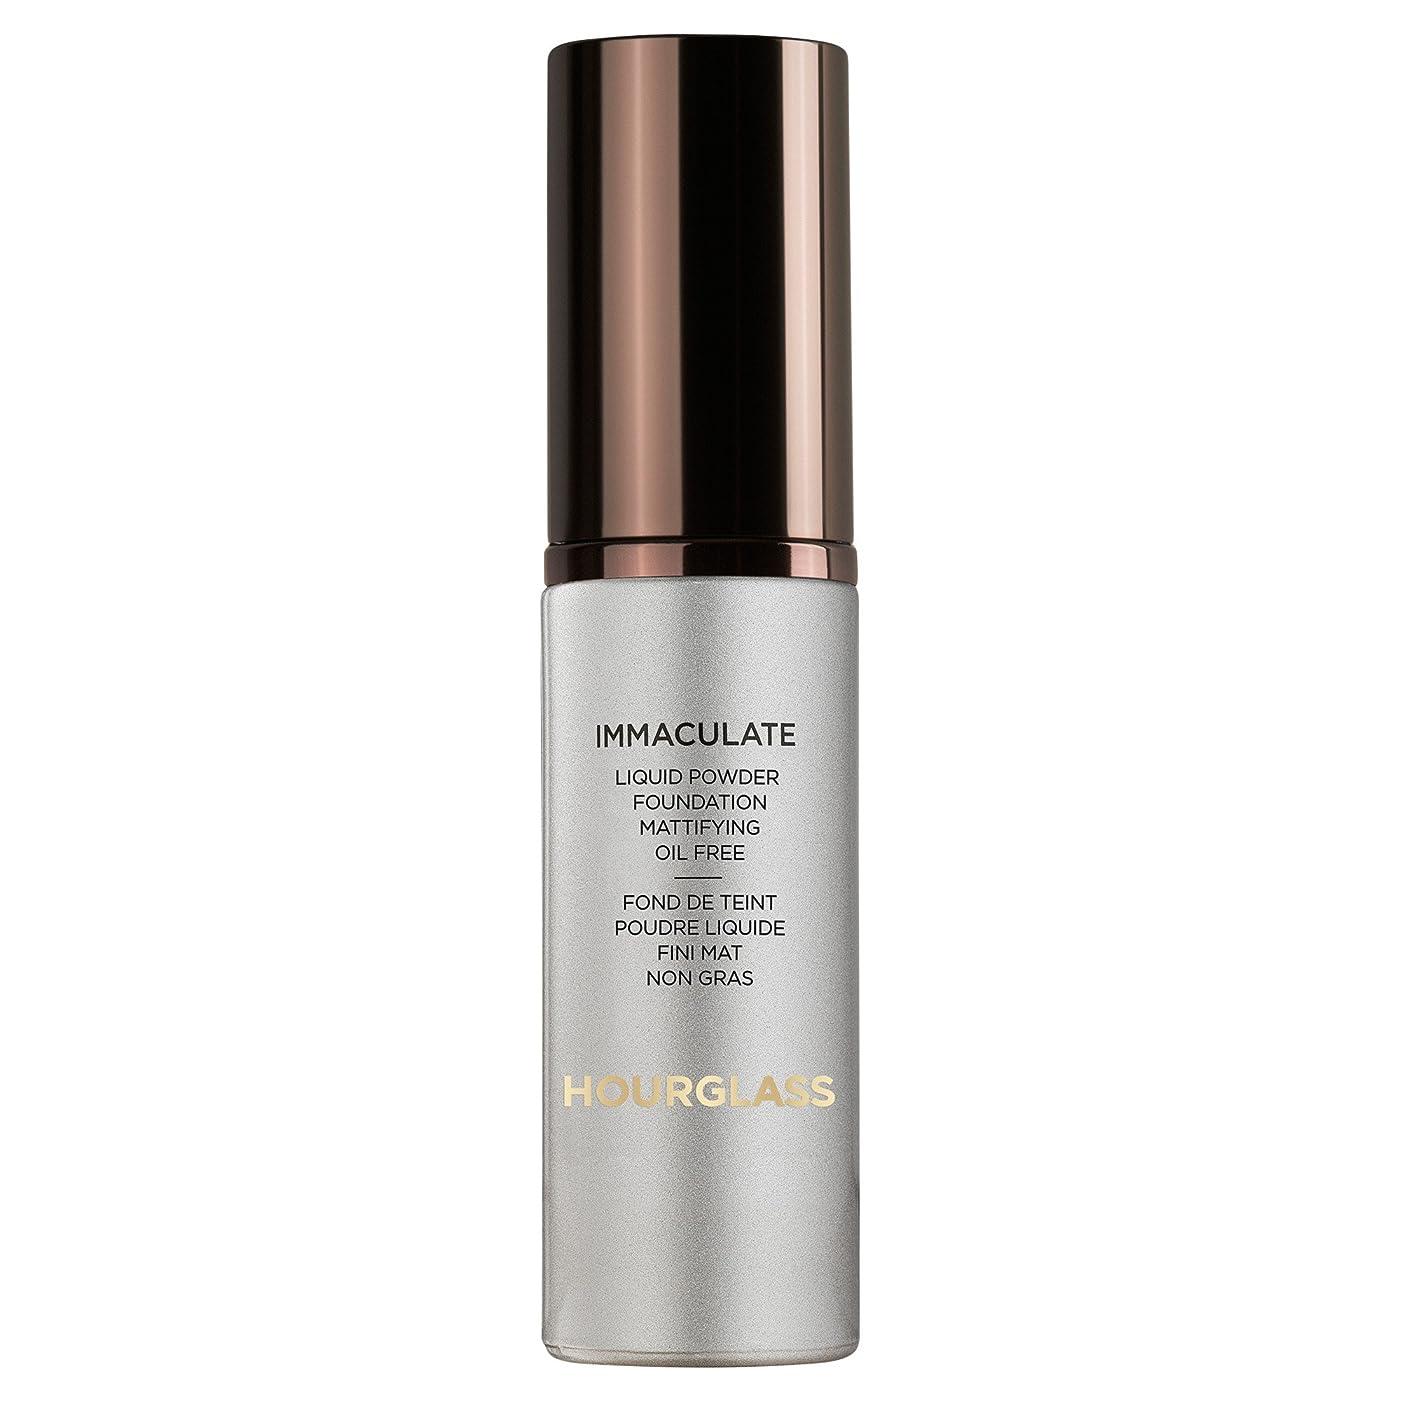 言い直す定規ピューヌード砂時計真っ白な液体パウダーファンデーション (Hourglass) - Hourglass Immaculate Liquid Powder Foundation Nude [並行輸入品]